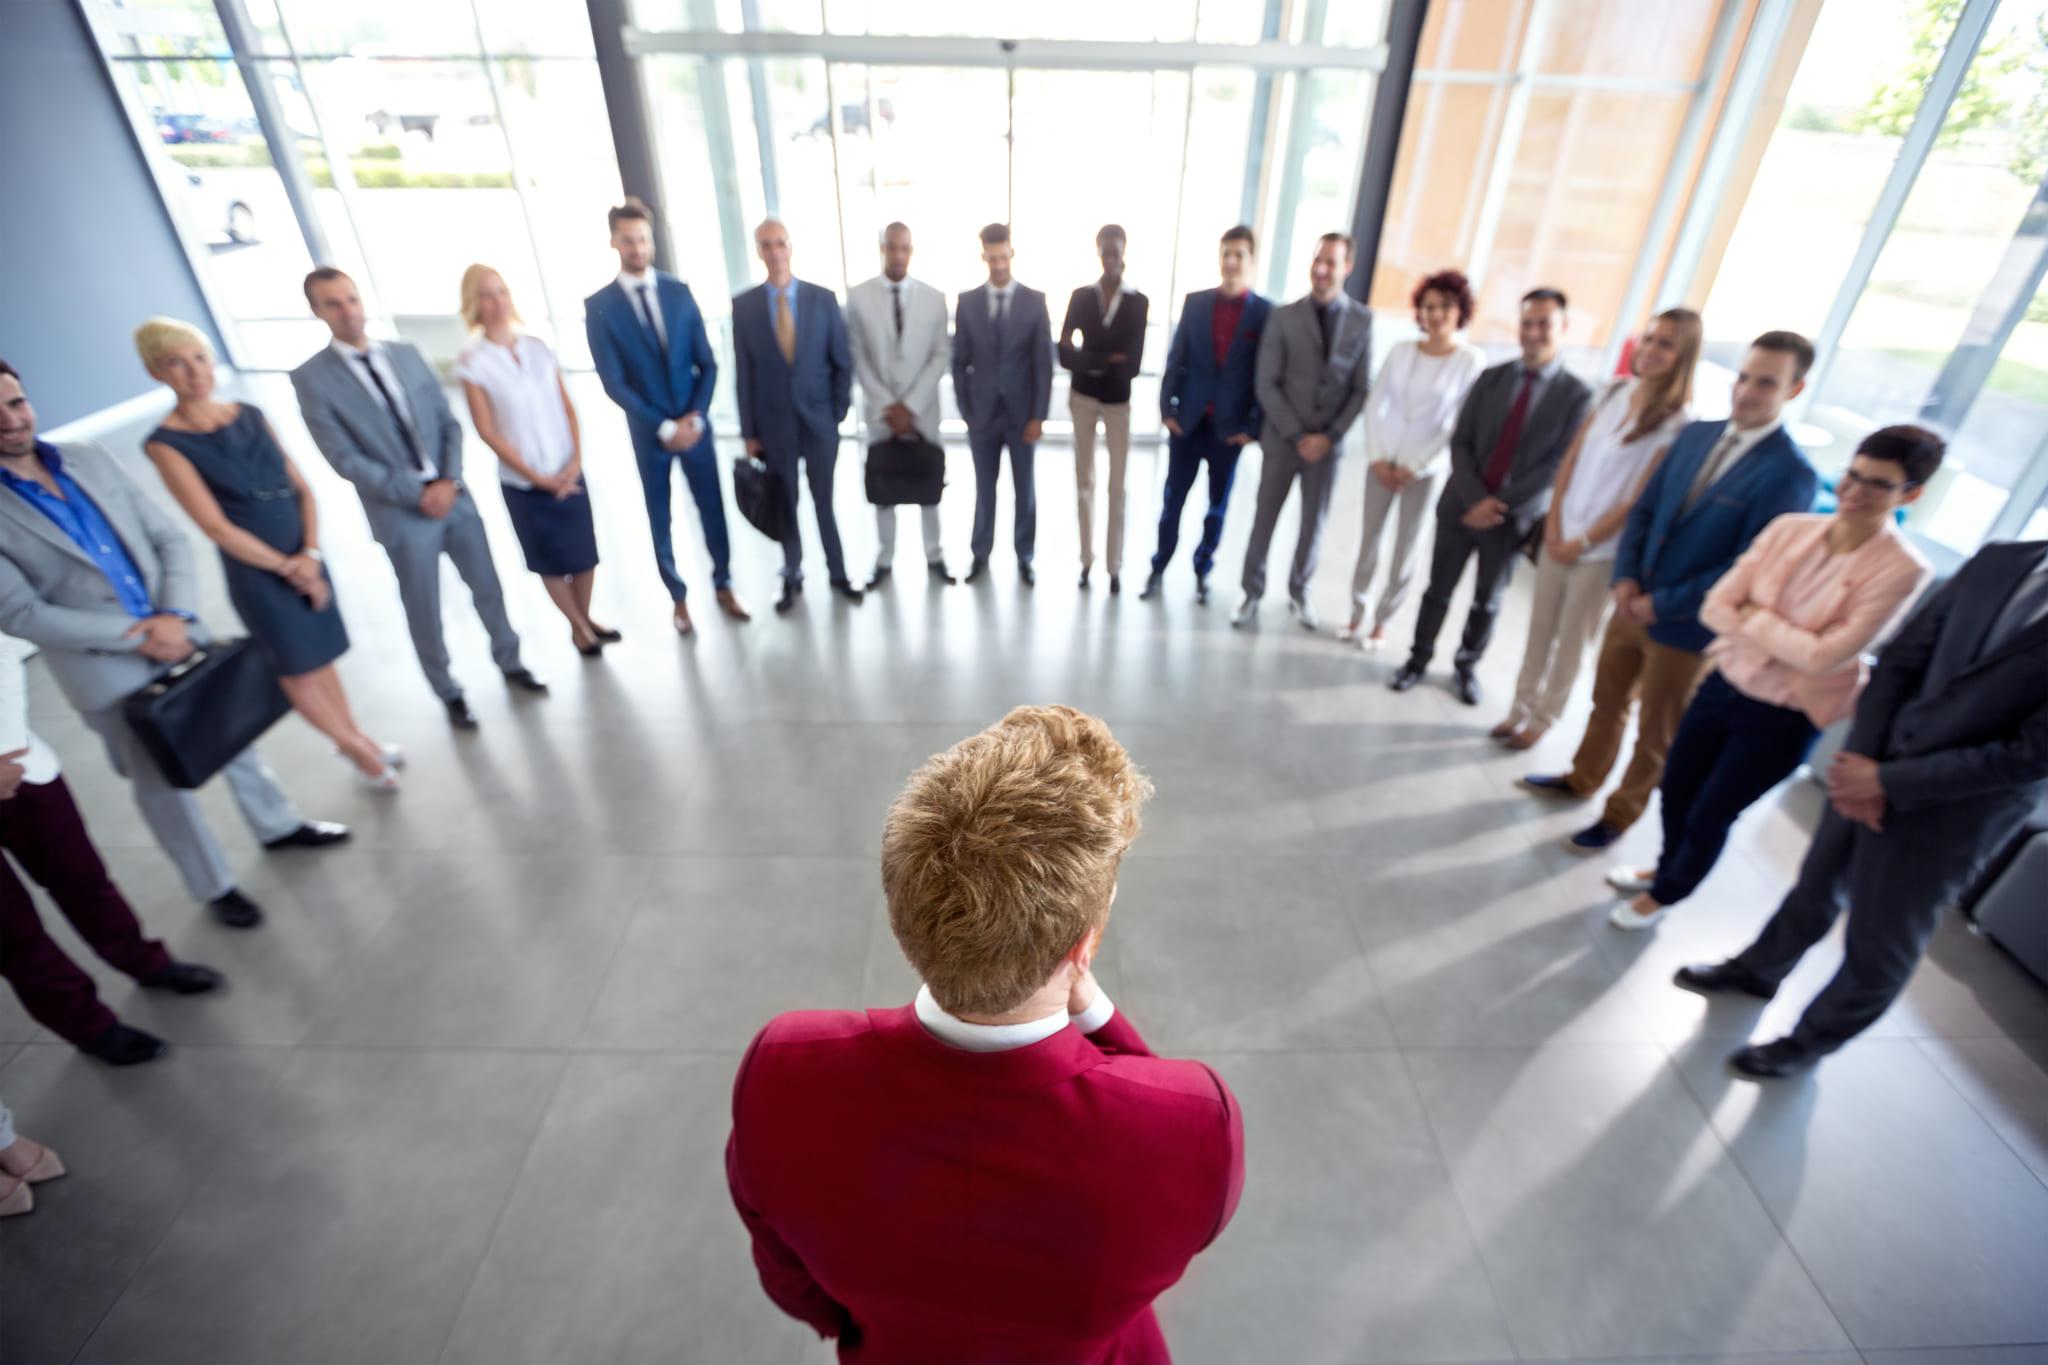 外部Webマーケティング人材をうまく活用する10のヒント